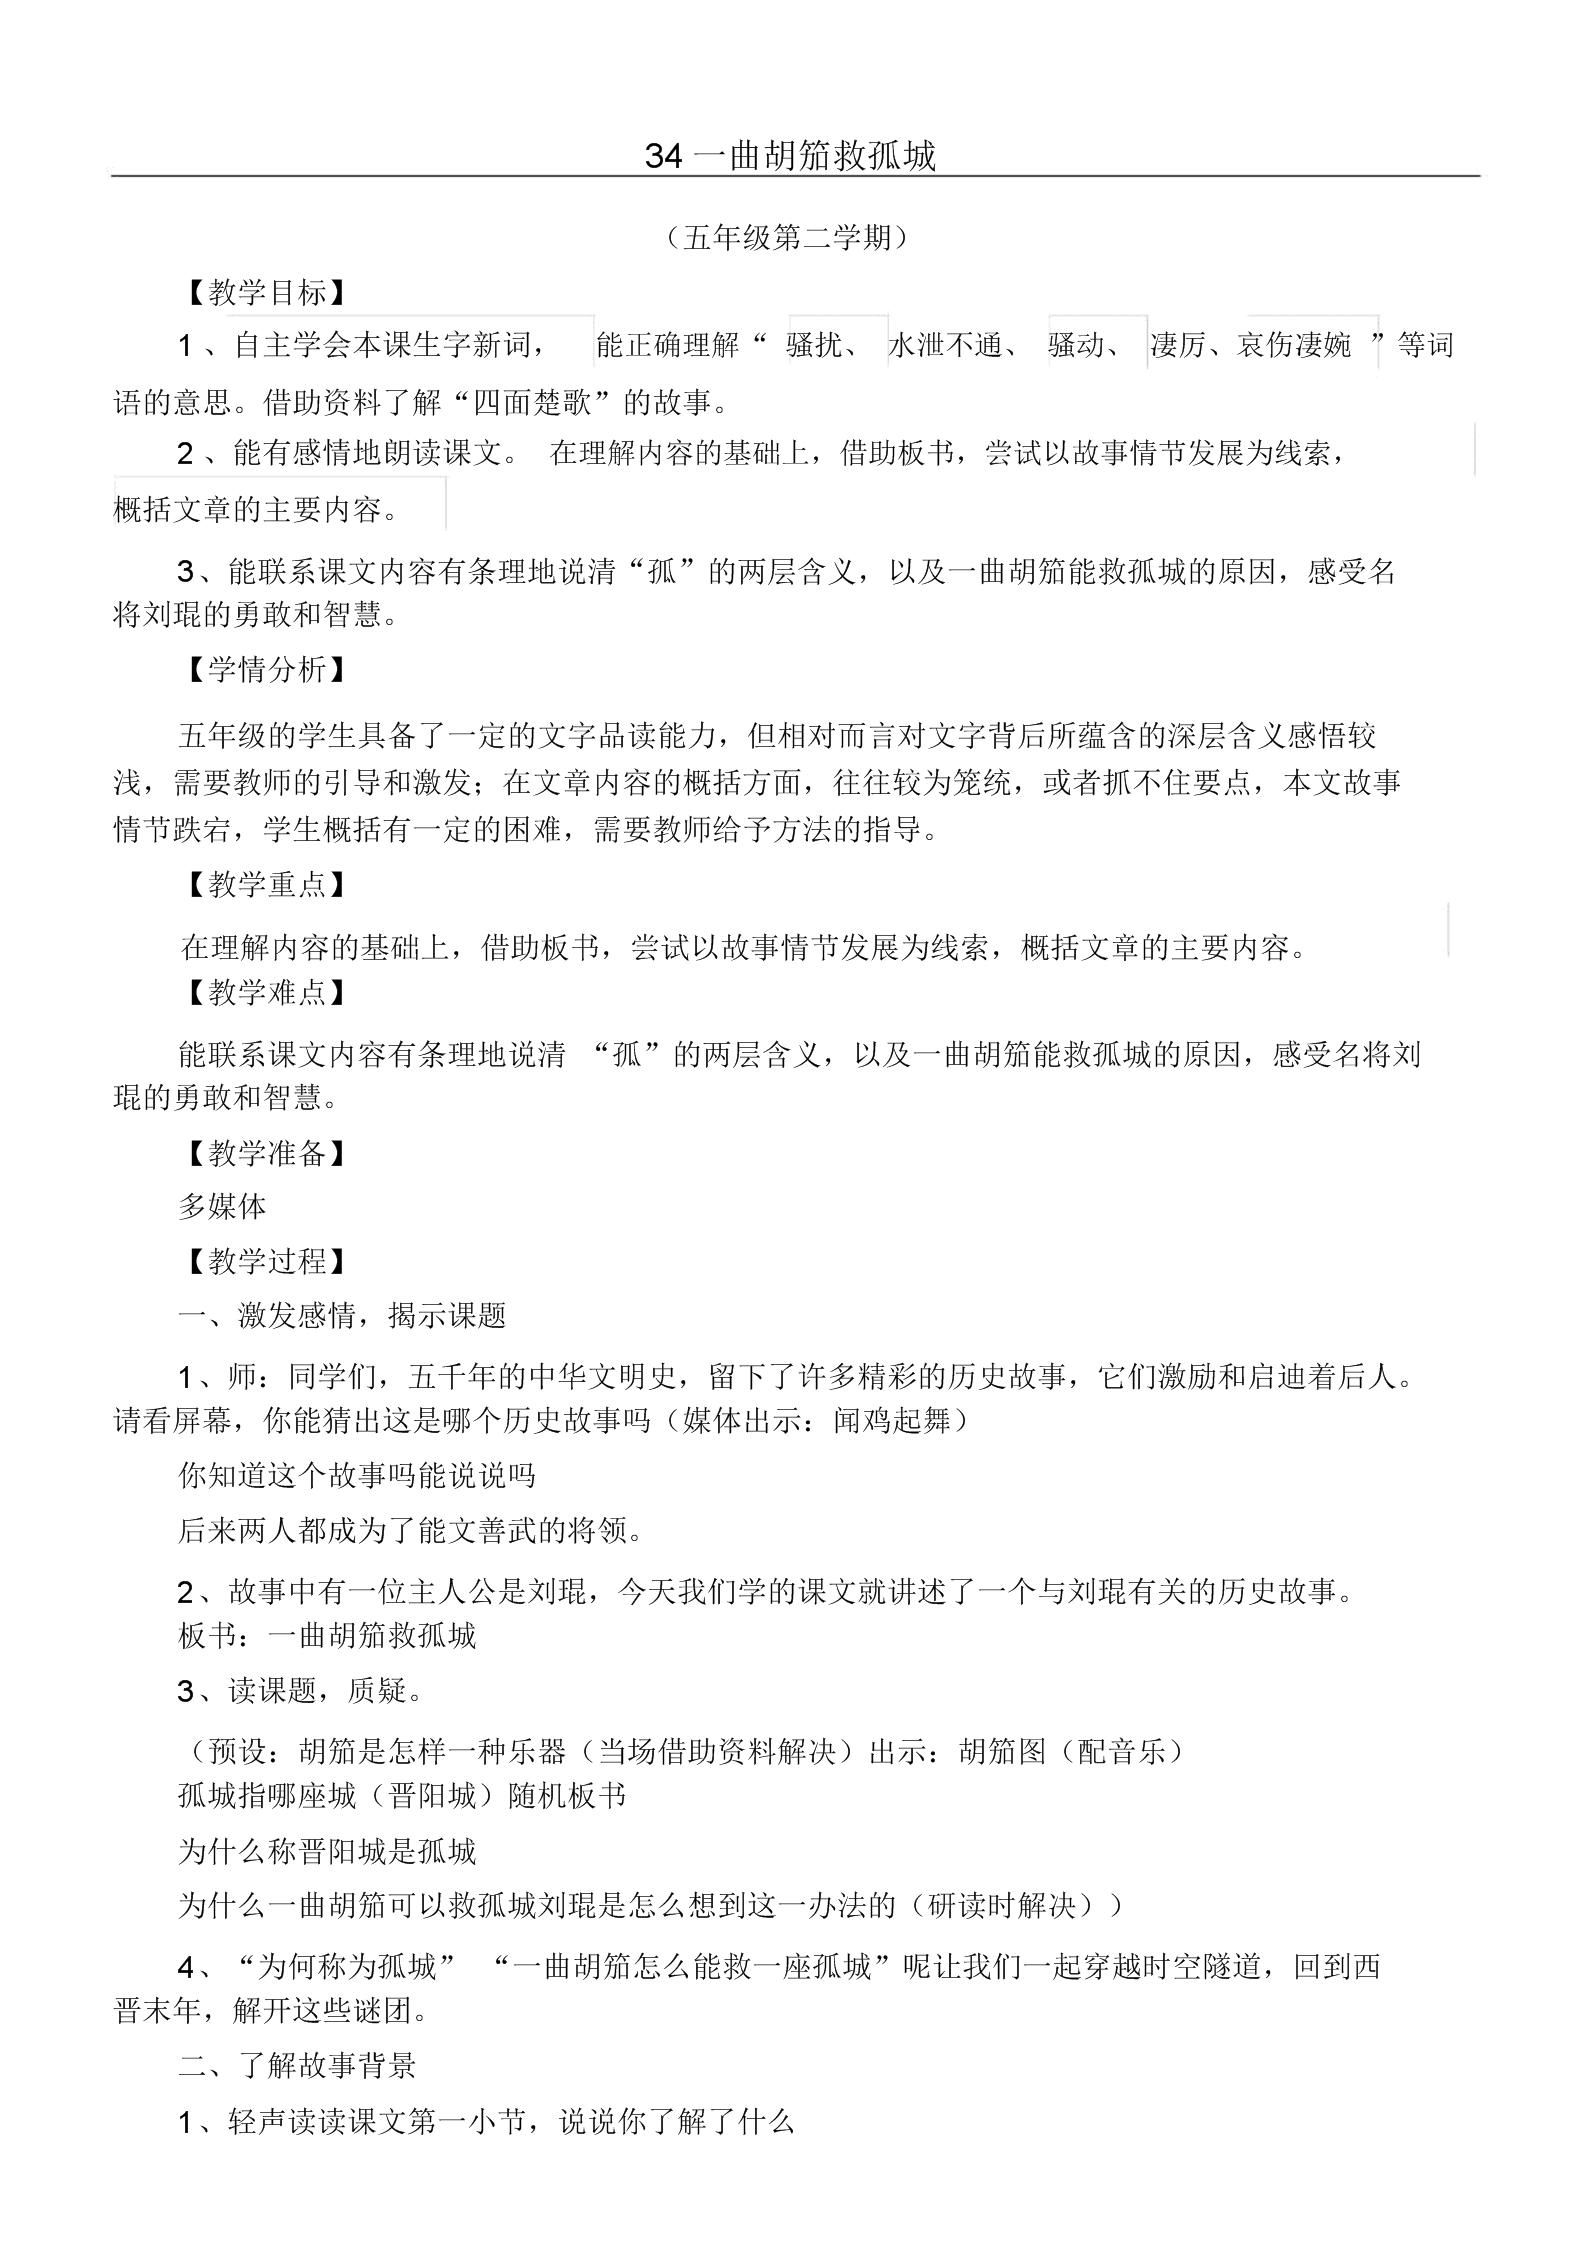 小学语文一曲胡笳救孤城教案.docx